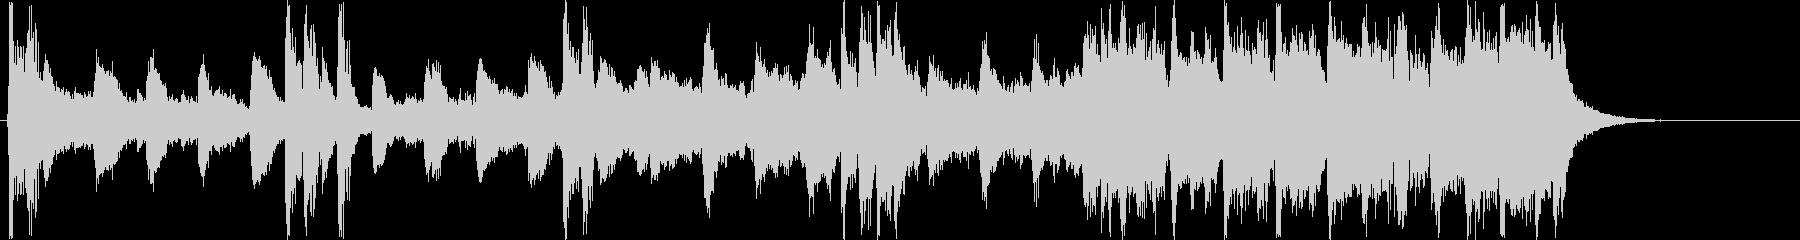 チャイナ風シンセサイザー短めサウンドの未再生の波形